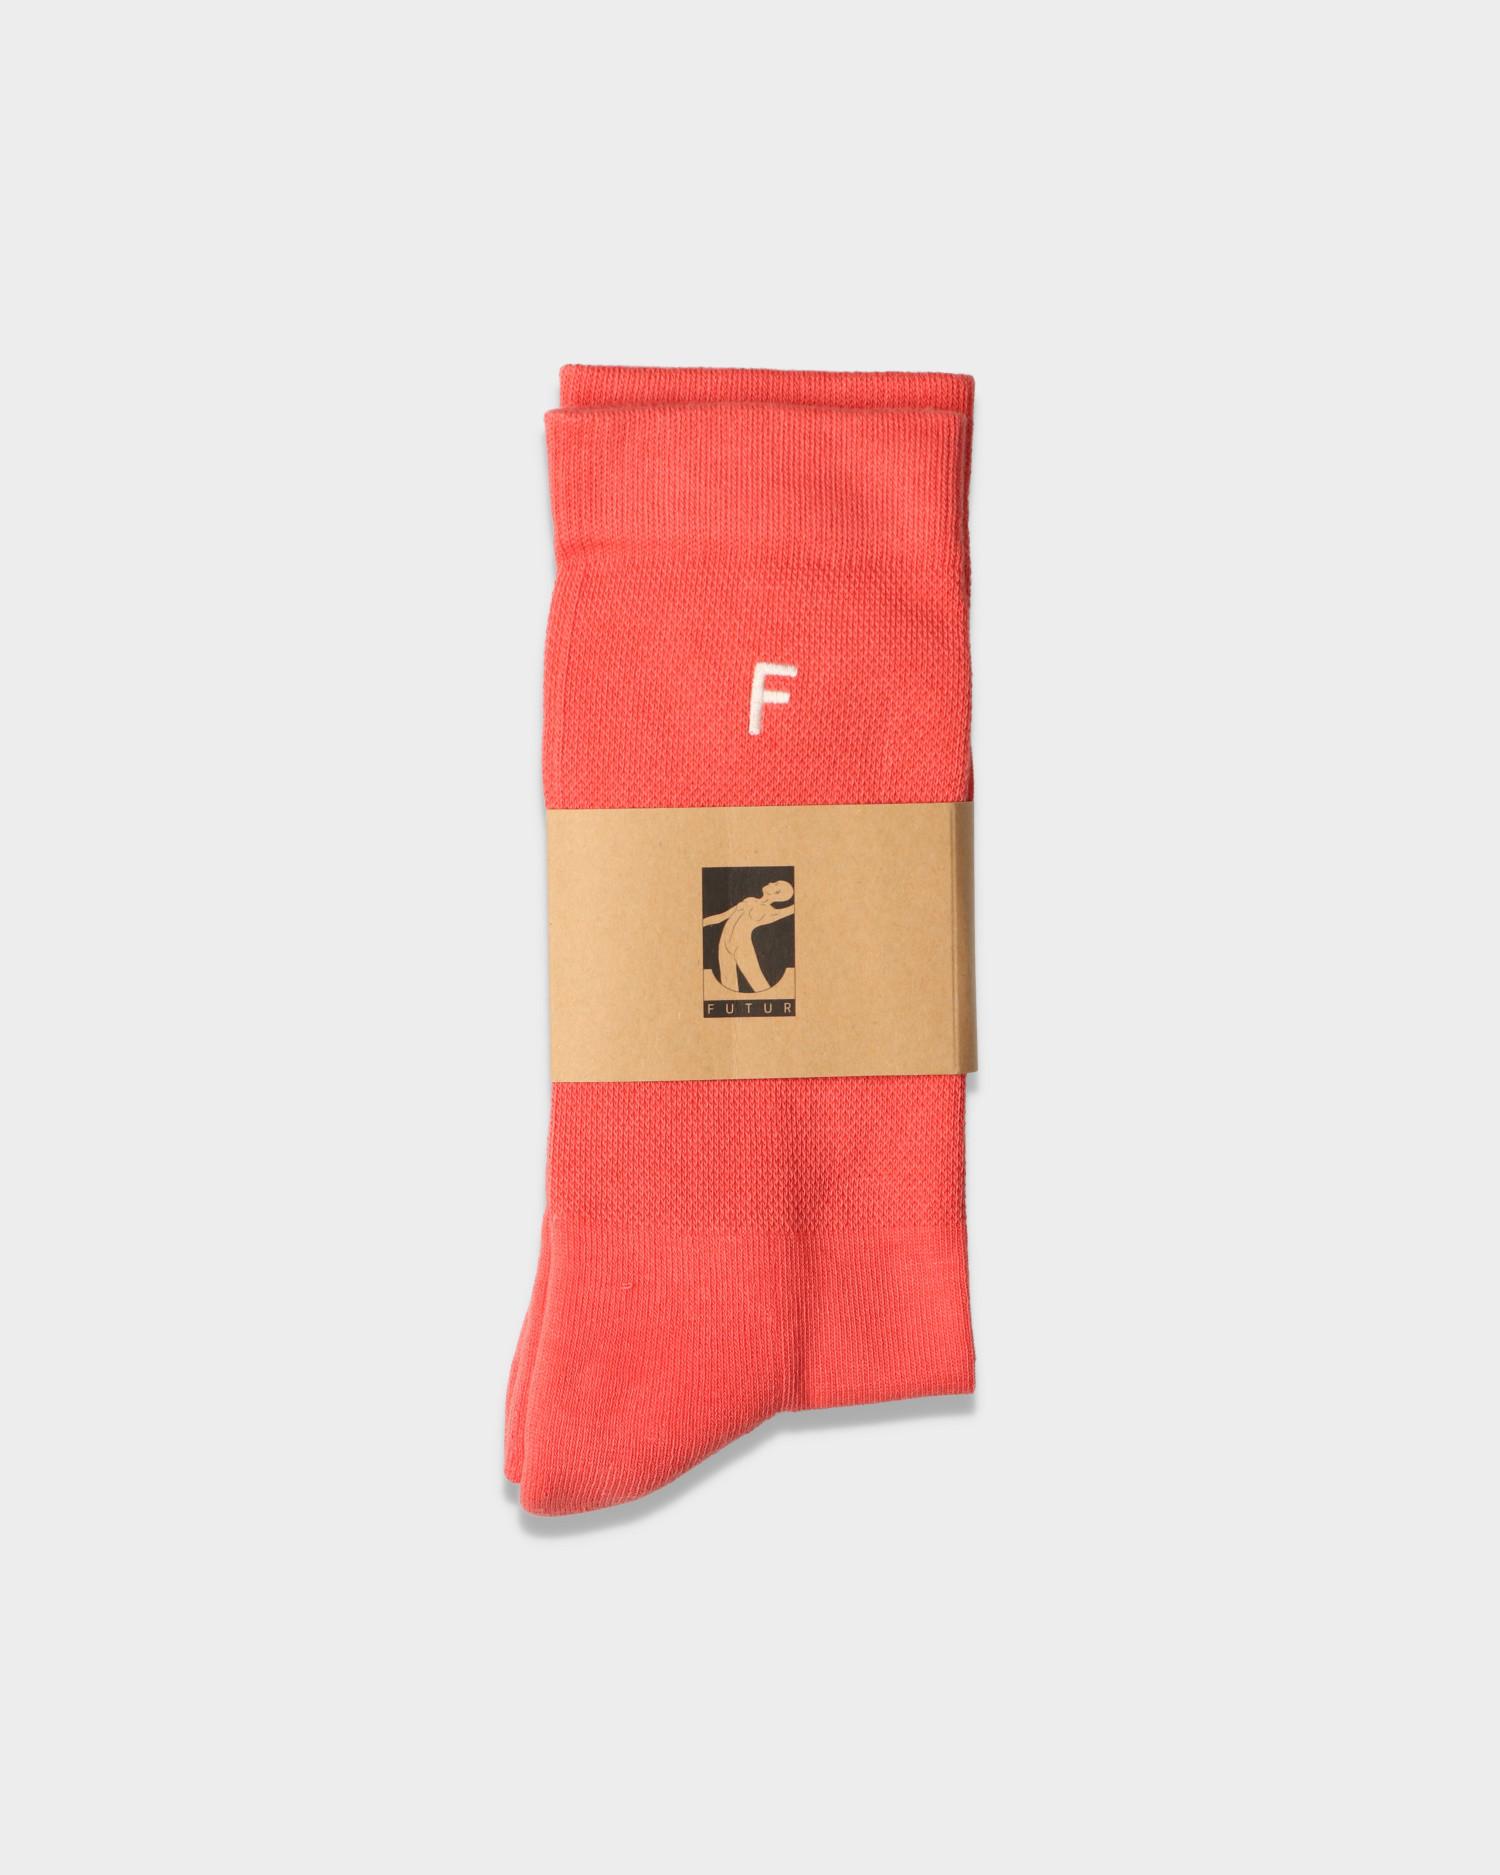 Futur F Socks Pink